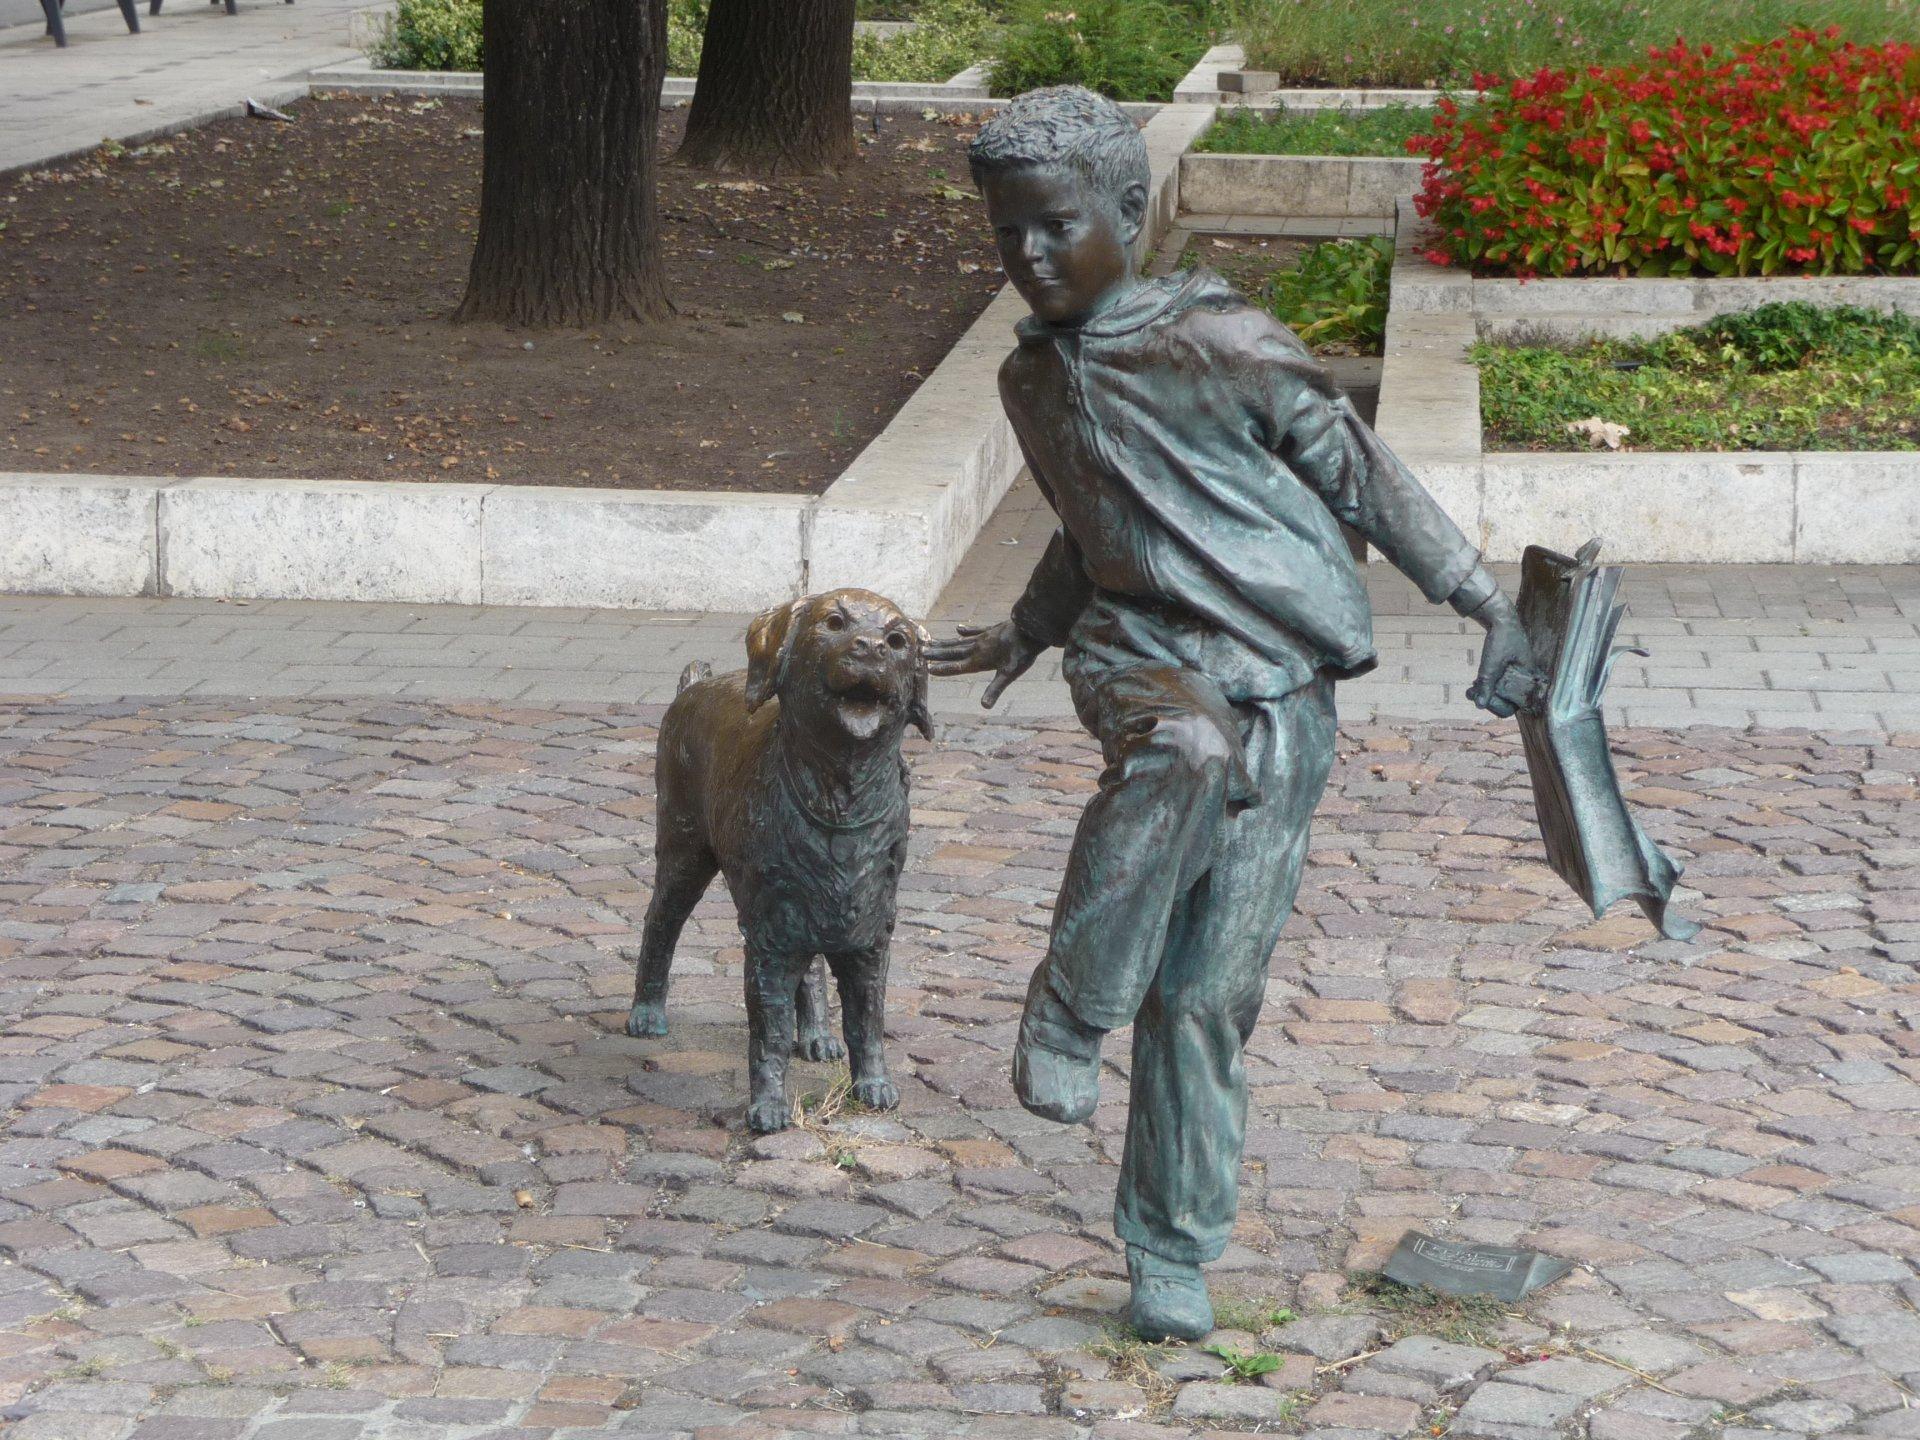 Szolnok, Skulptur Junge mit Hund